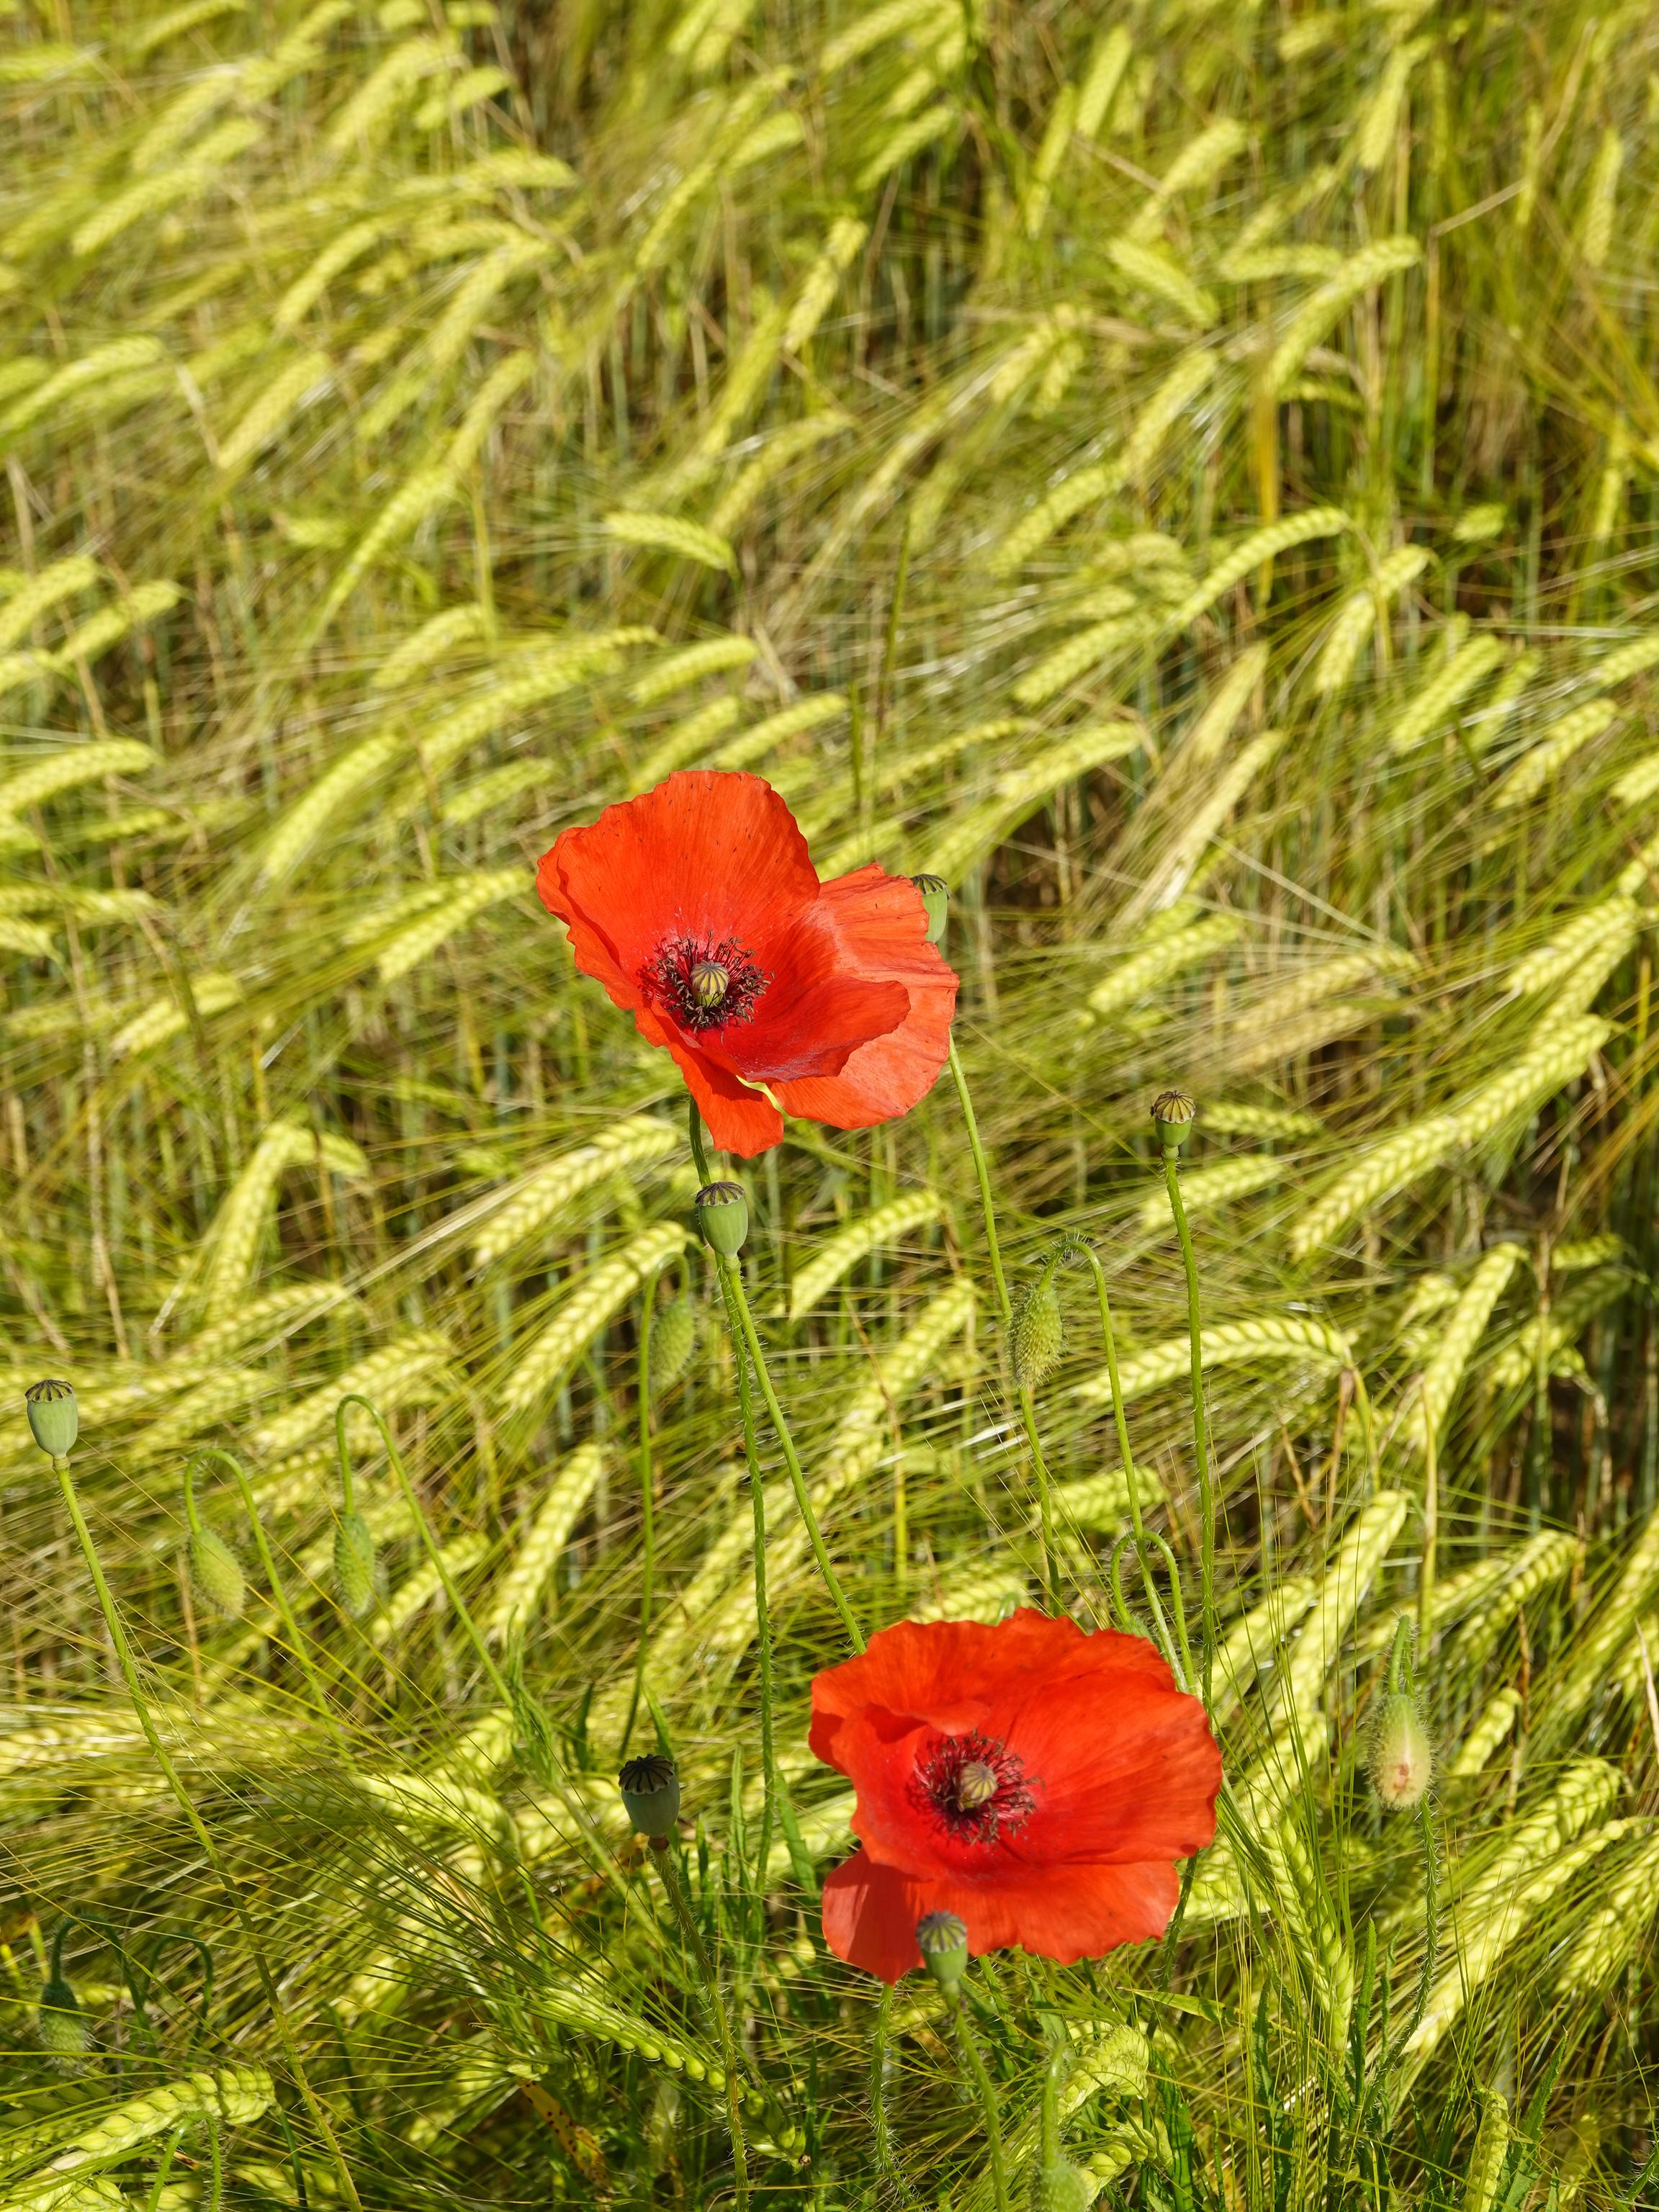 129035 скачать обои Цветы, Маки, Красный, Колоски, Растения - заставки и картинки бесплатно